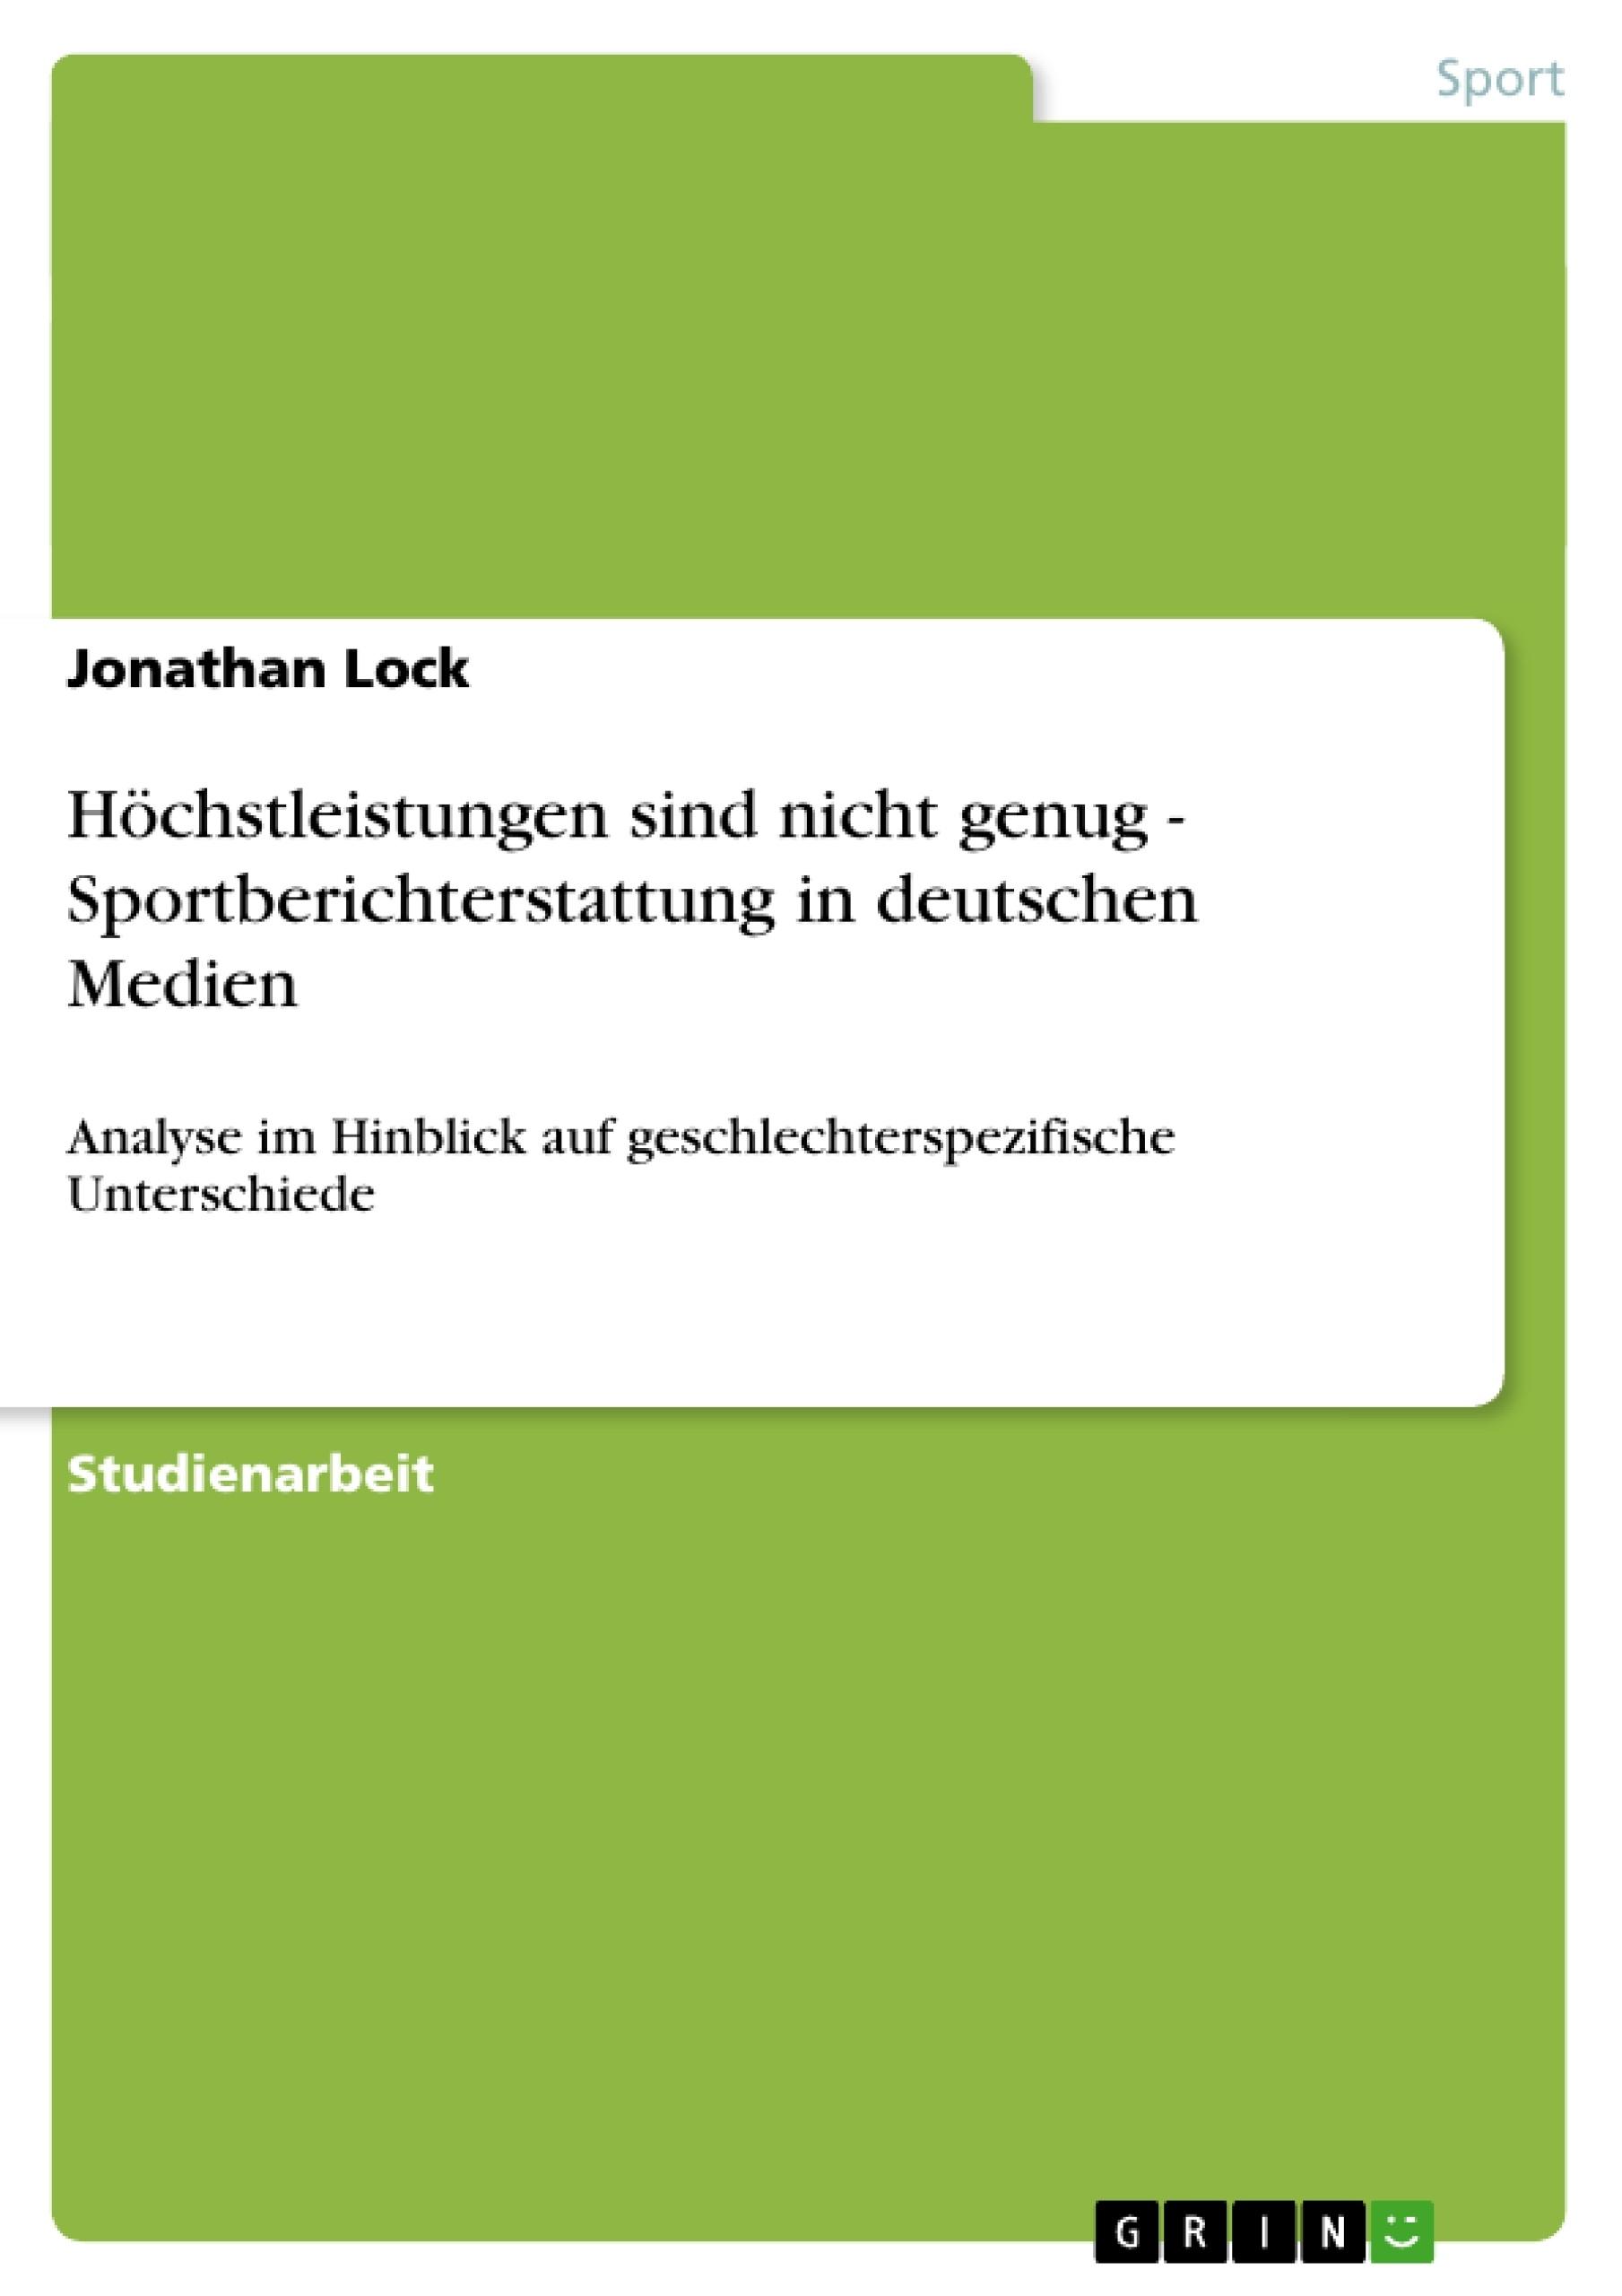 Titel: Höchstleistungen sind nicht genug - Sportberichterstattung in deutschen Medien